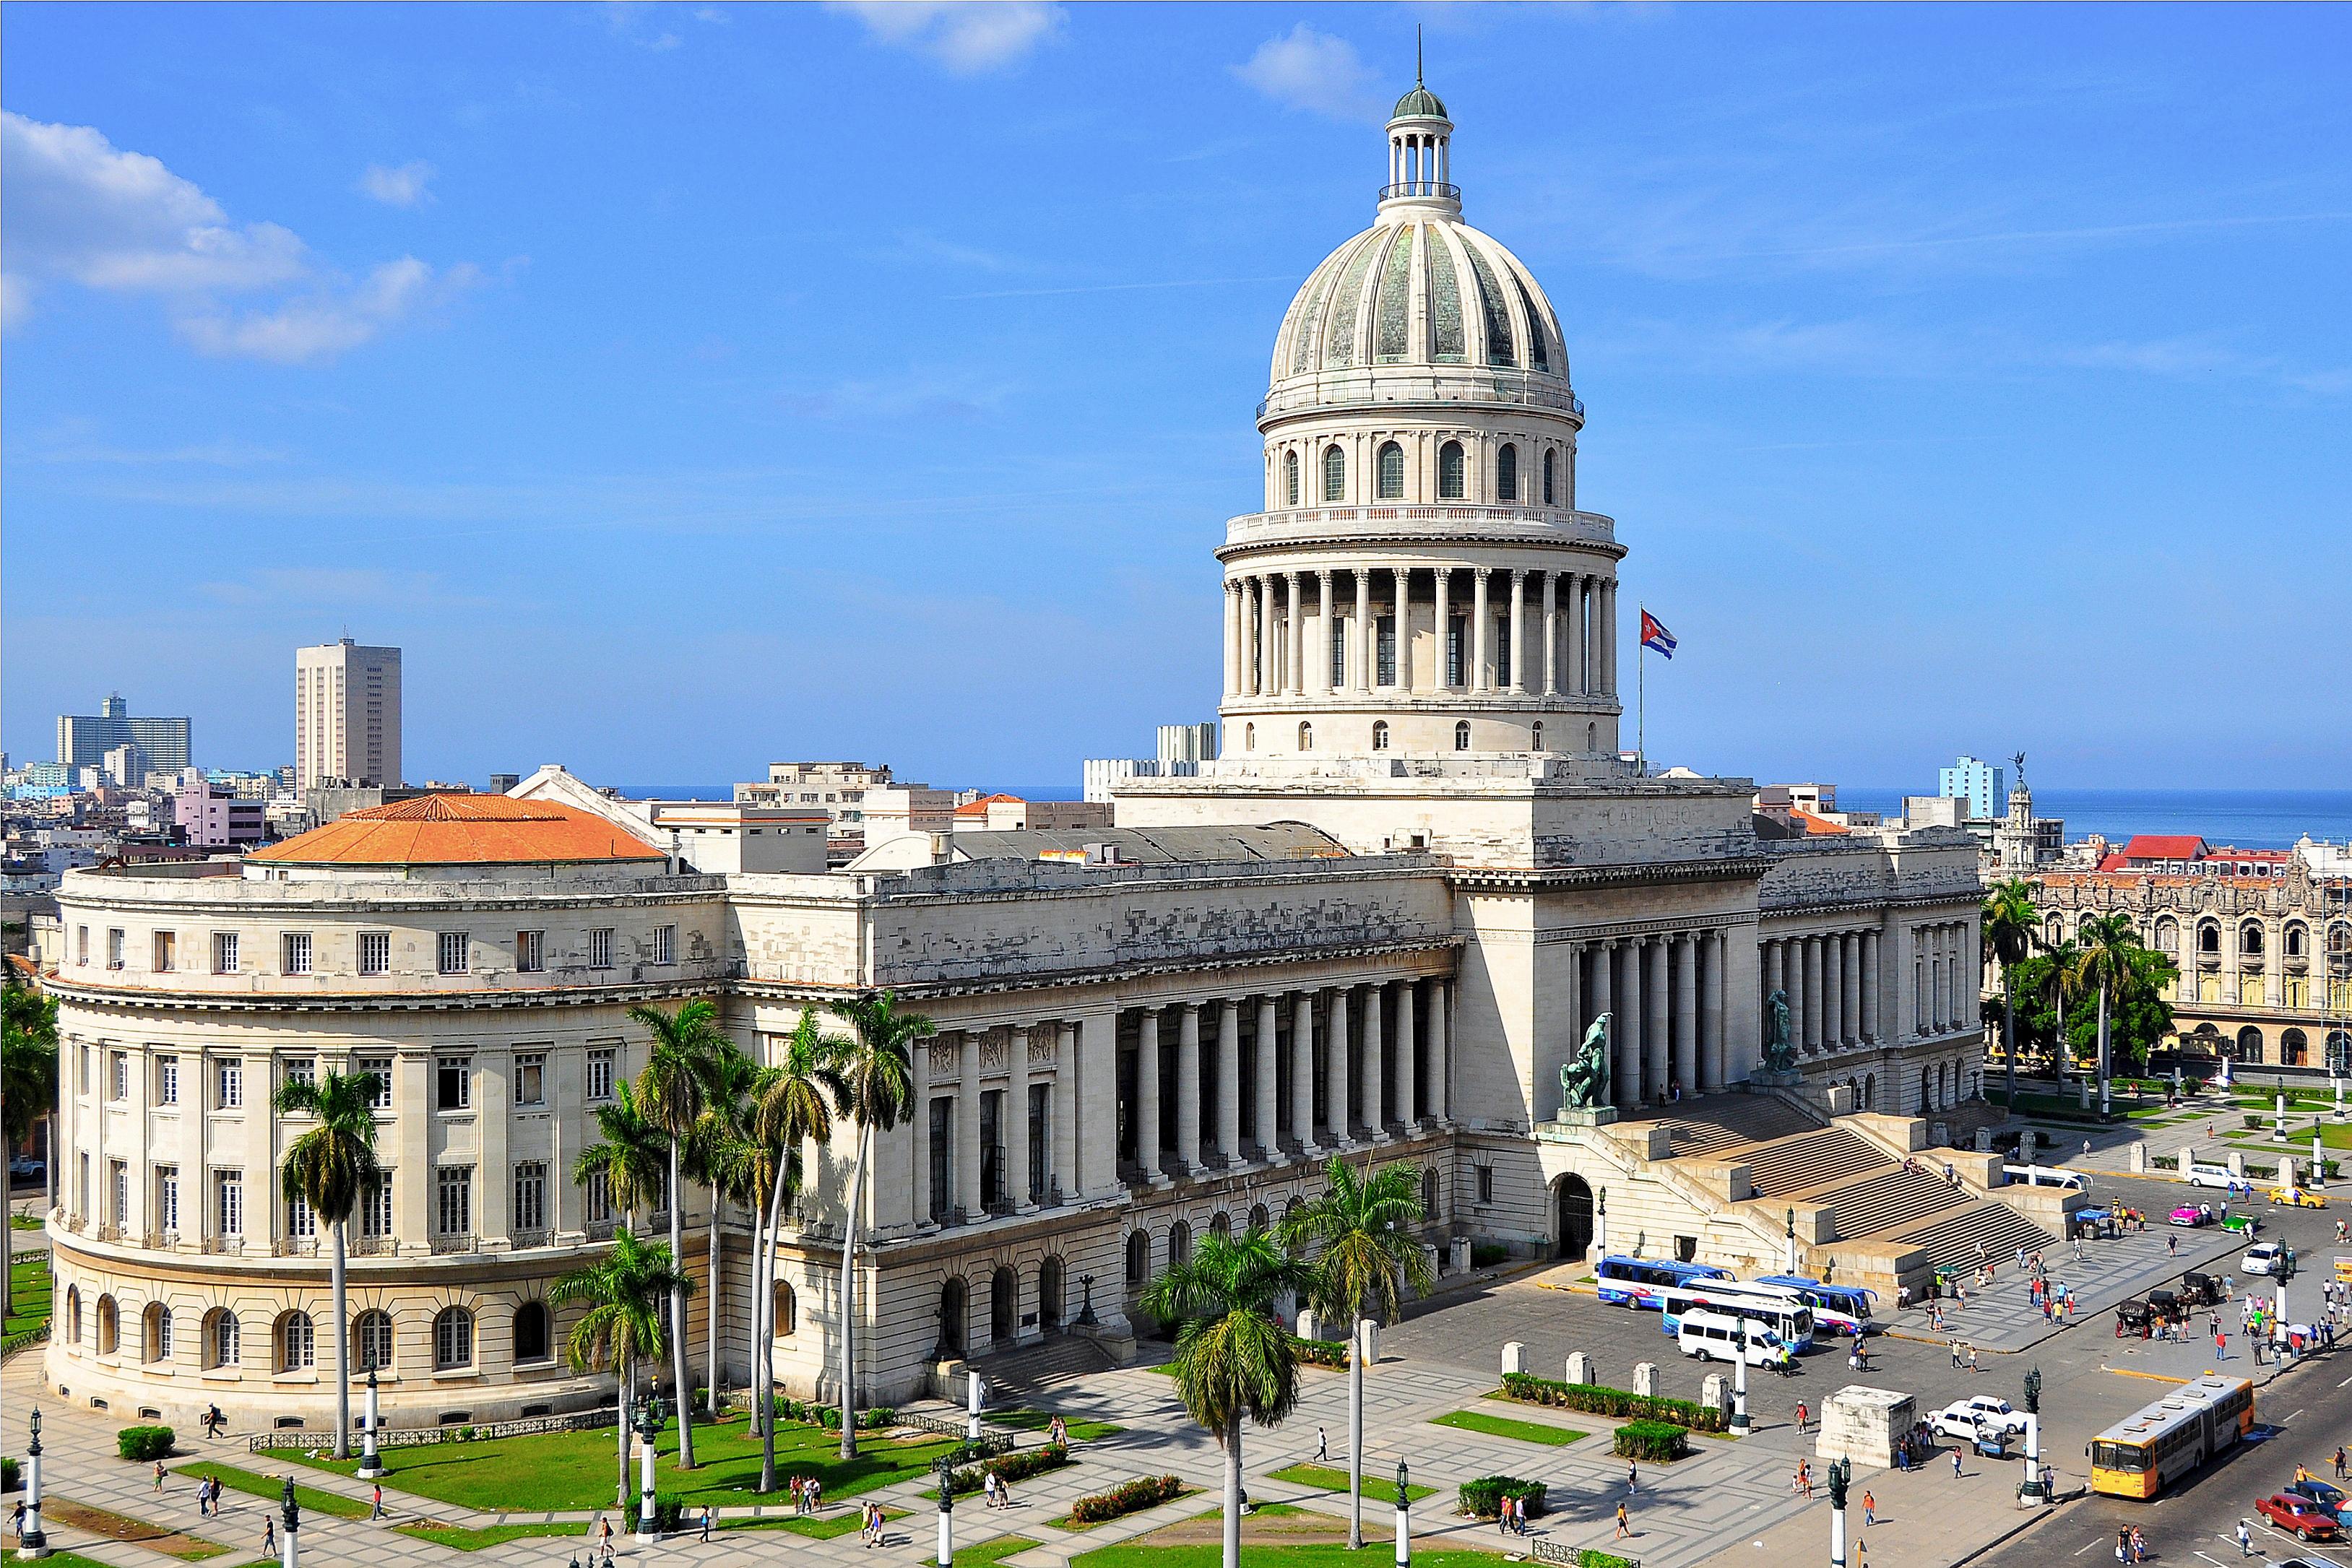 Pontos turísticos de Havana: o Capitólio Nacional